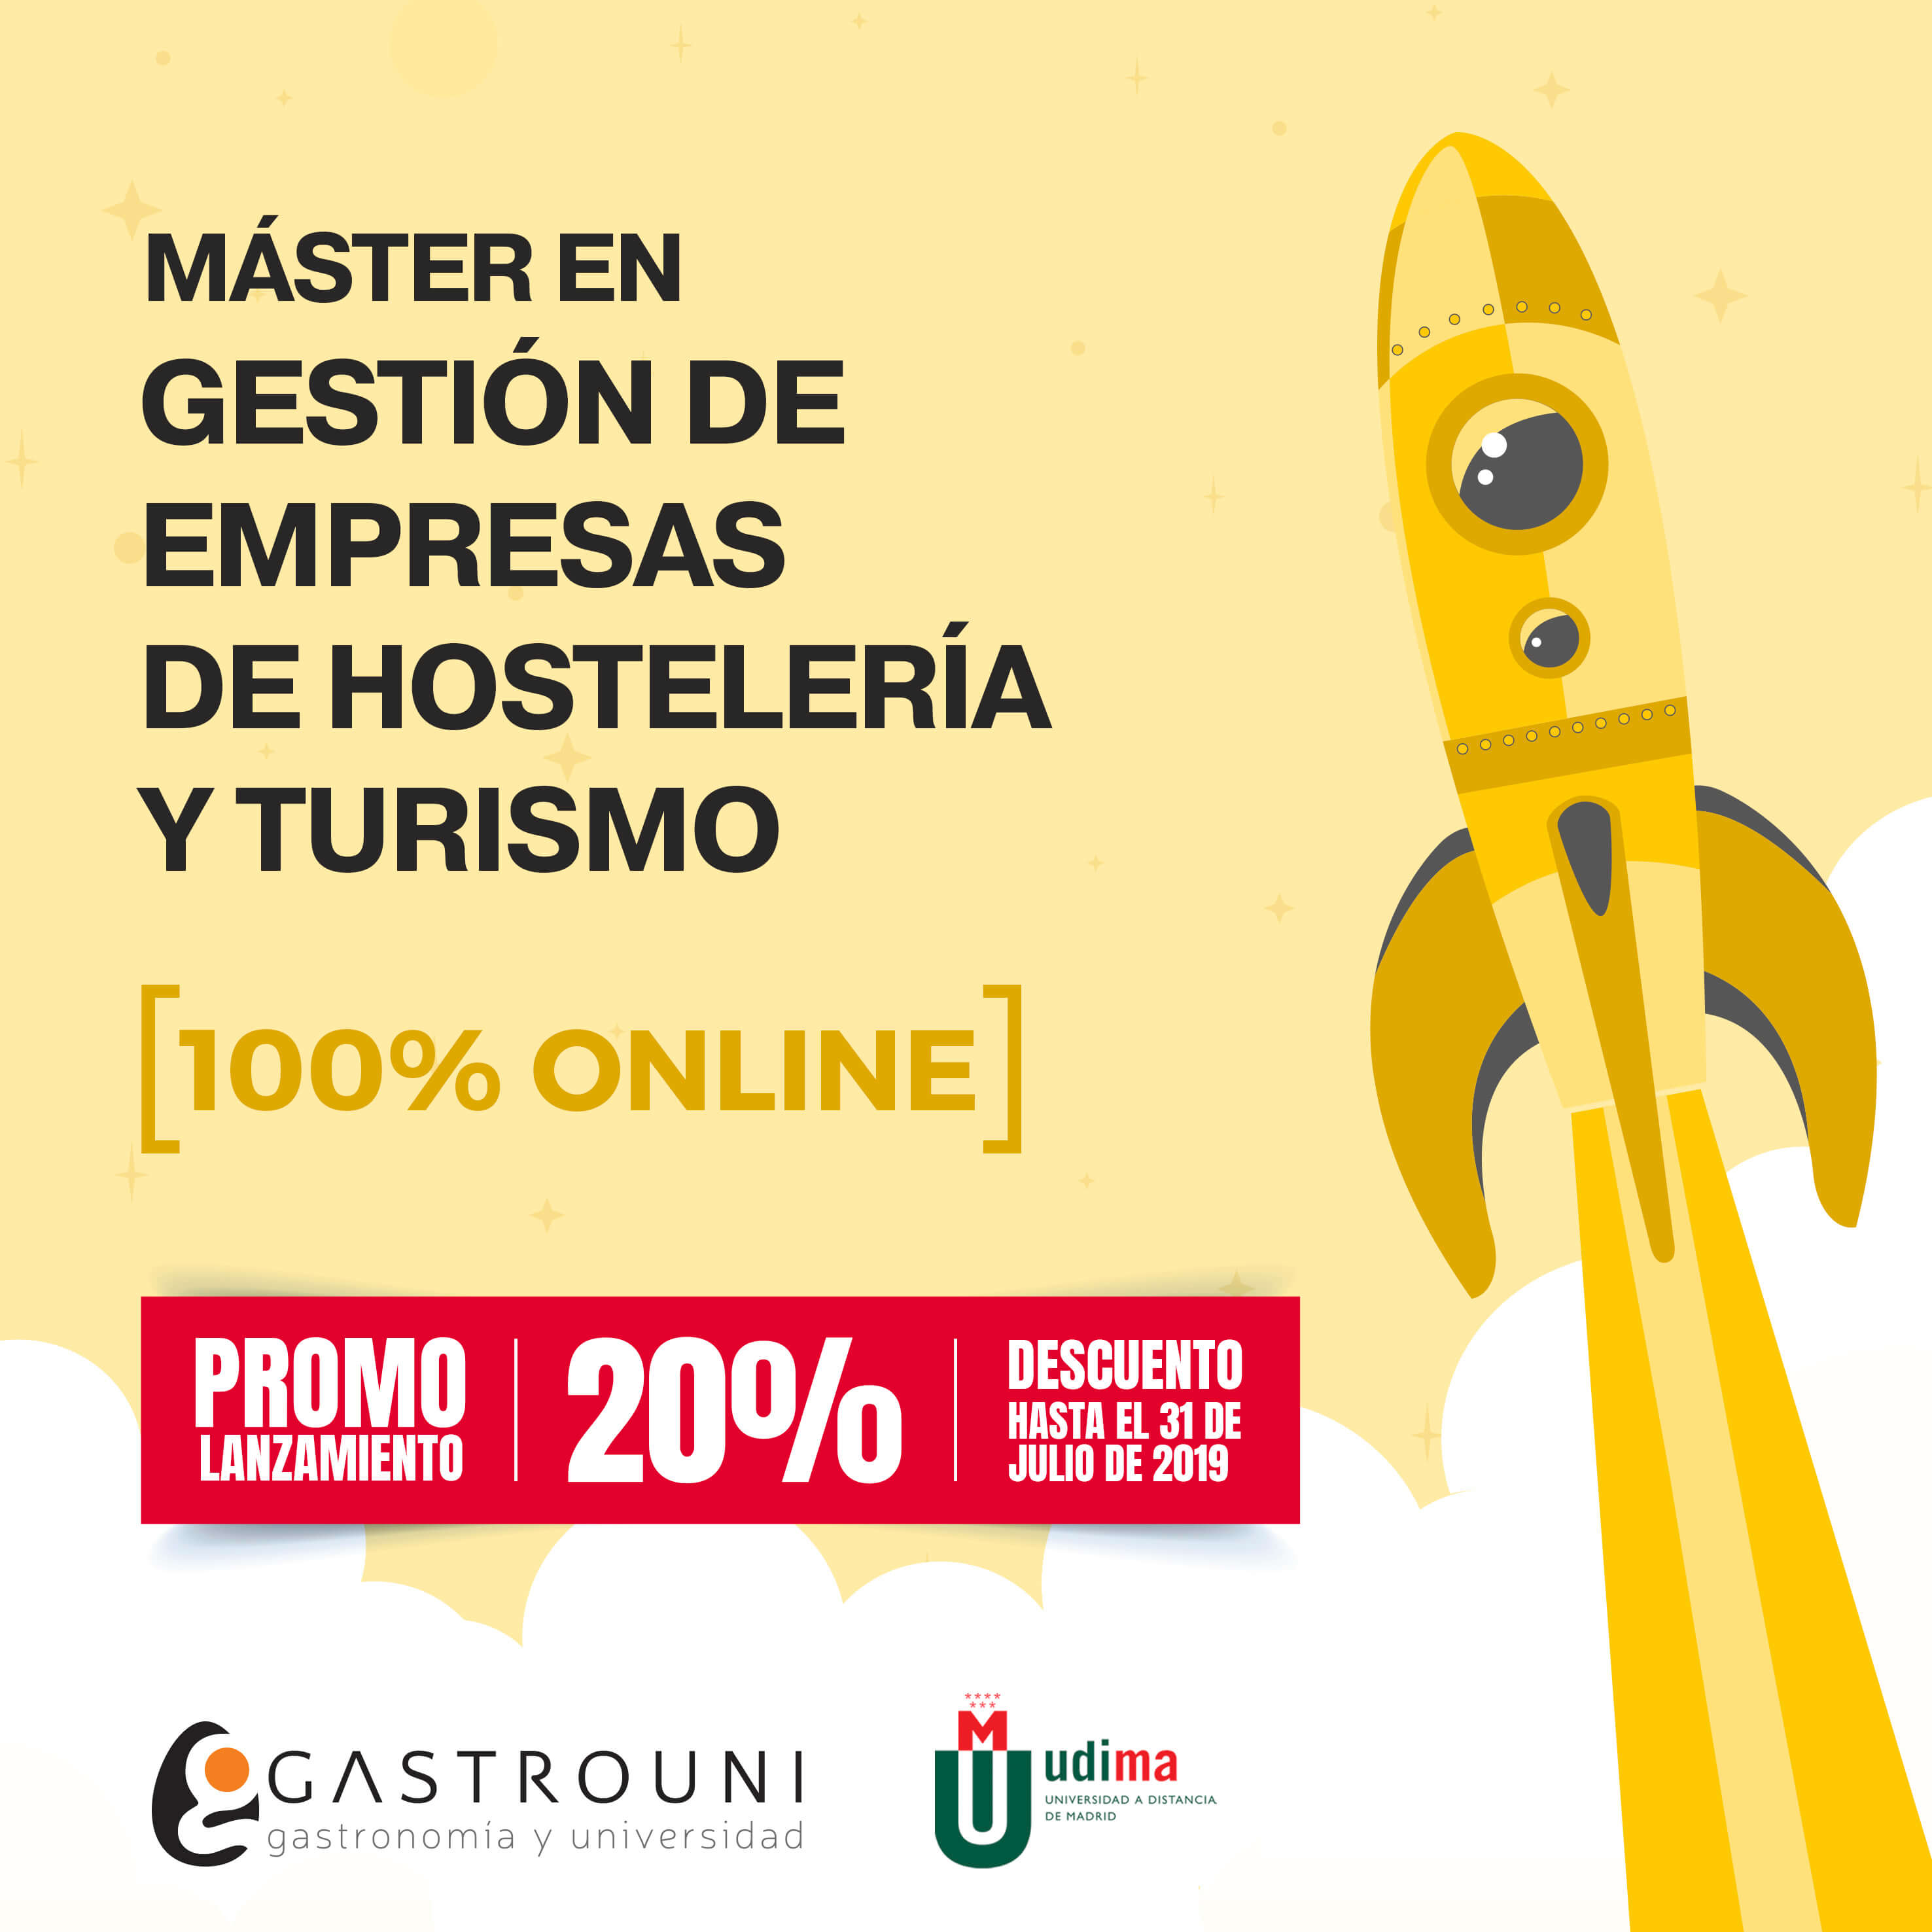 Promoción para el Máster en Gestión de Empresas de Hostelería y Turismo de Gastrouni y UDIMA